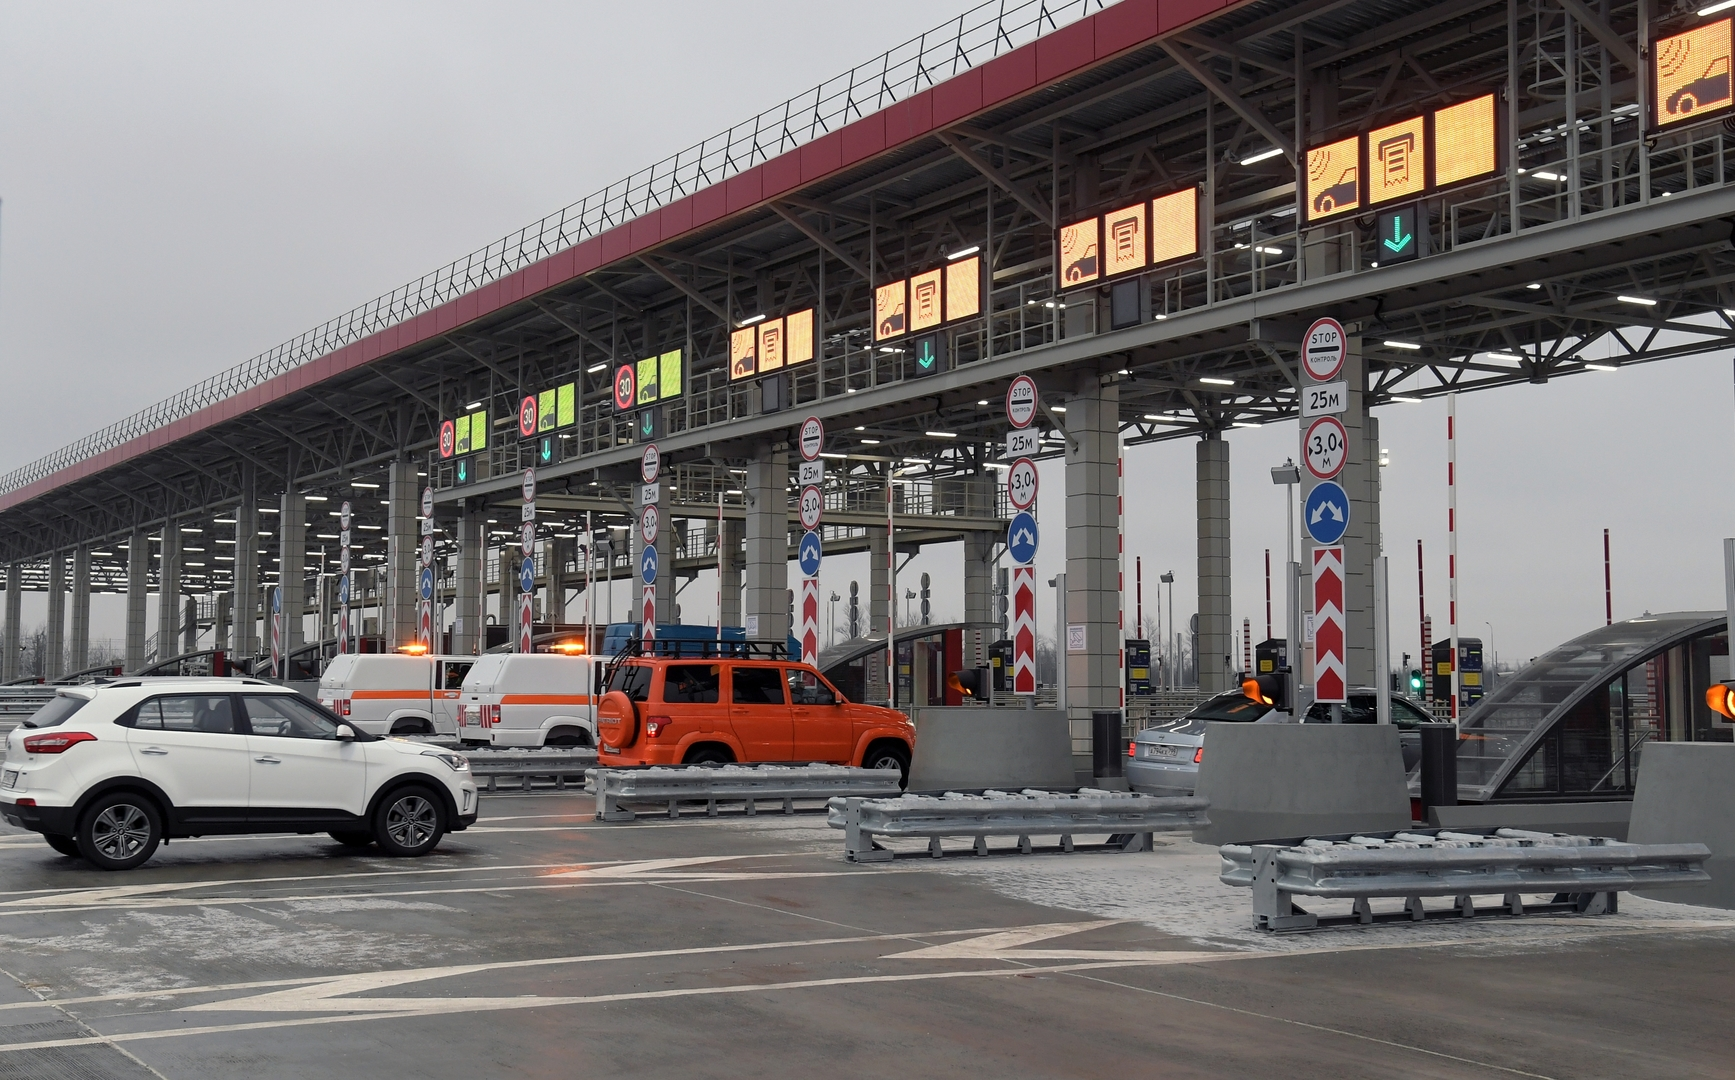 Construite avec l'aide du BTP Vinci, l'autoroute Moscou-Saint-Pétersbourg inaugurée en Russie